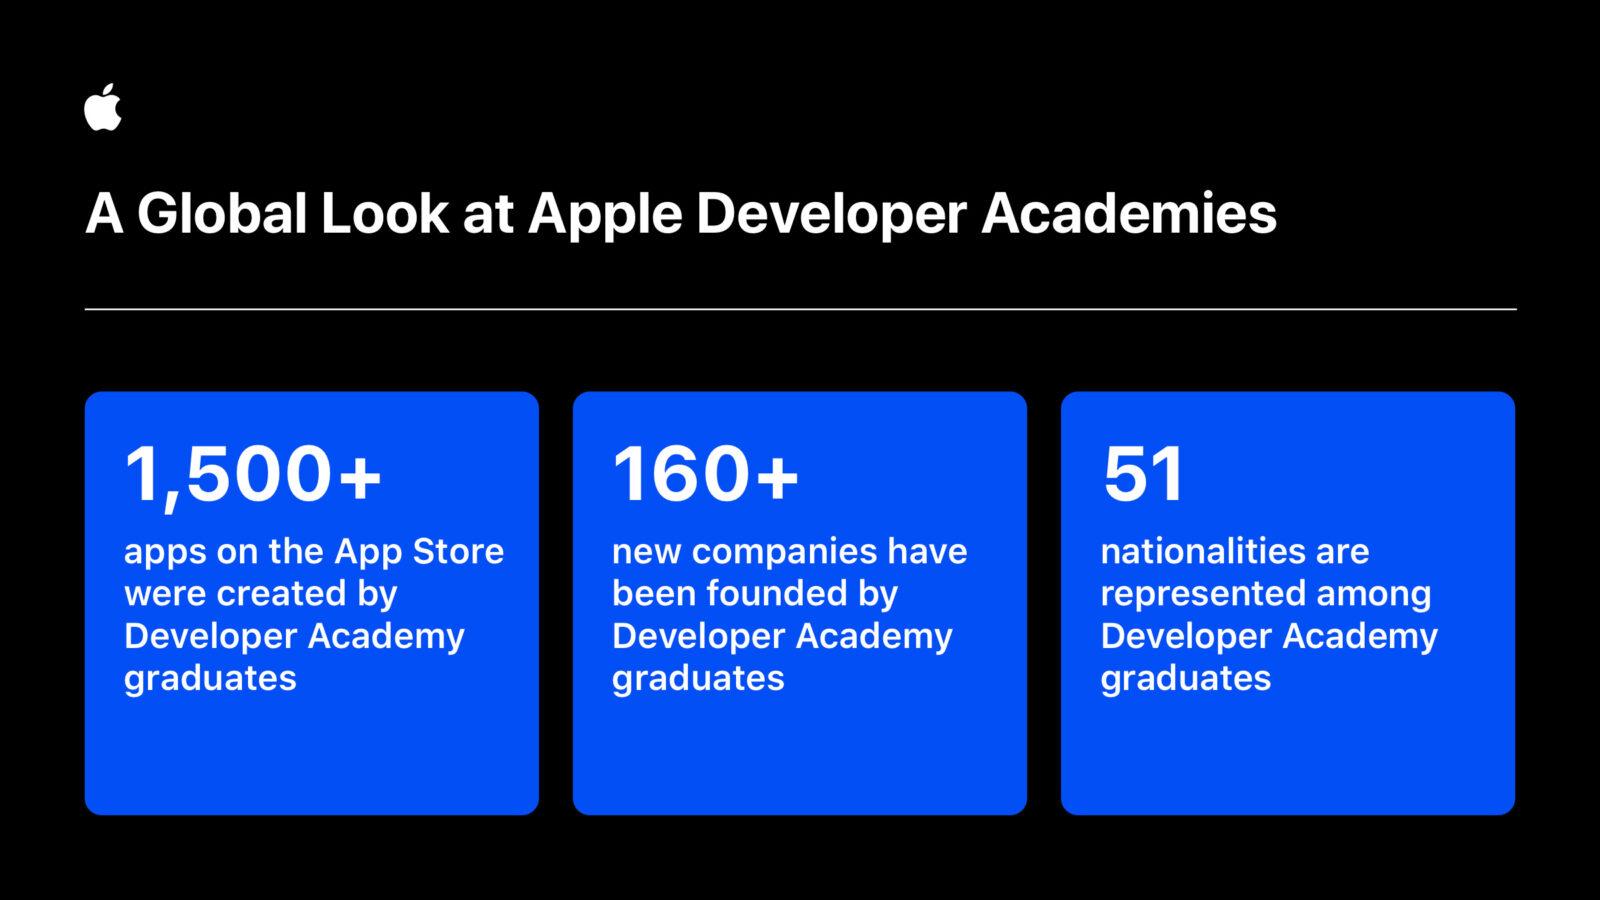 Sviluppatori, designer e imprenditori crescono grazie alle Apple Developer Academy